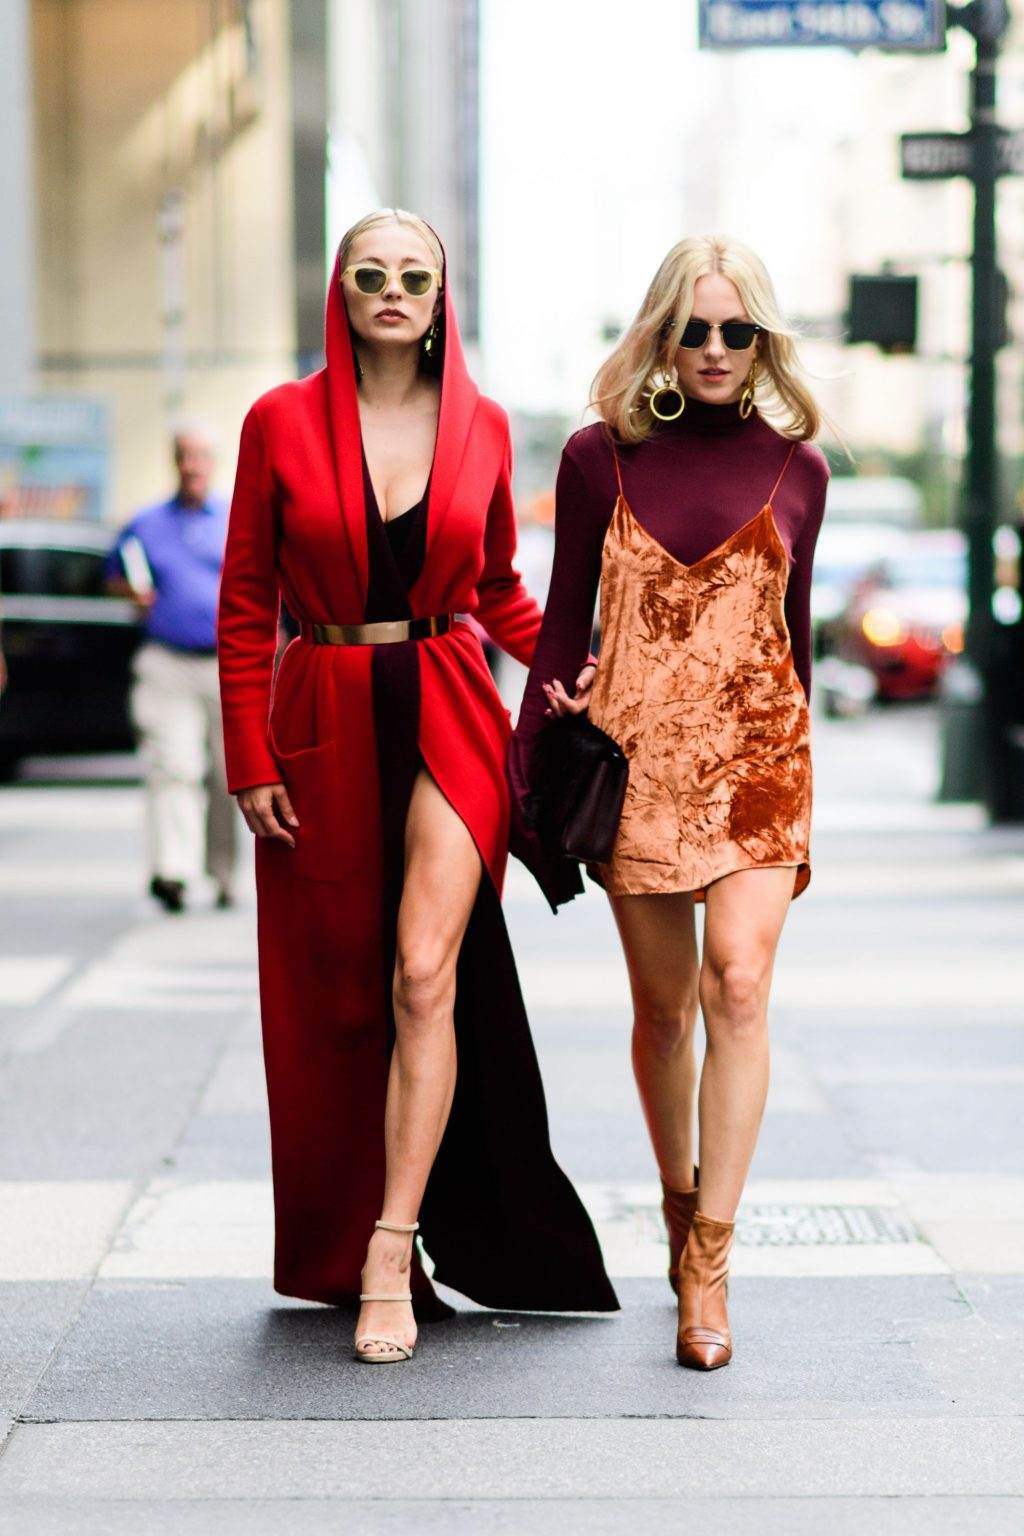 trang phục dự tiệc đỏ burgundy cho mùa lễ hội 32